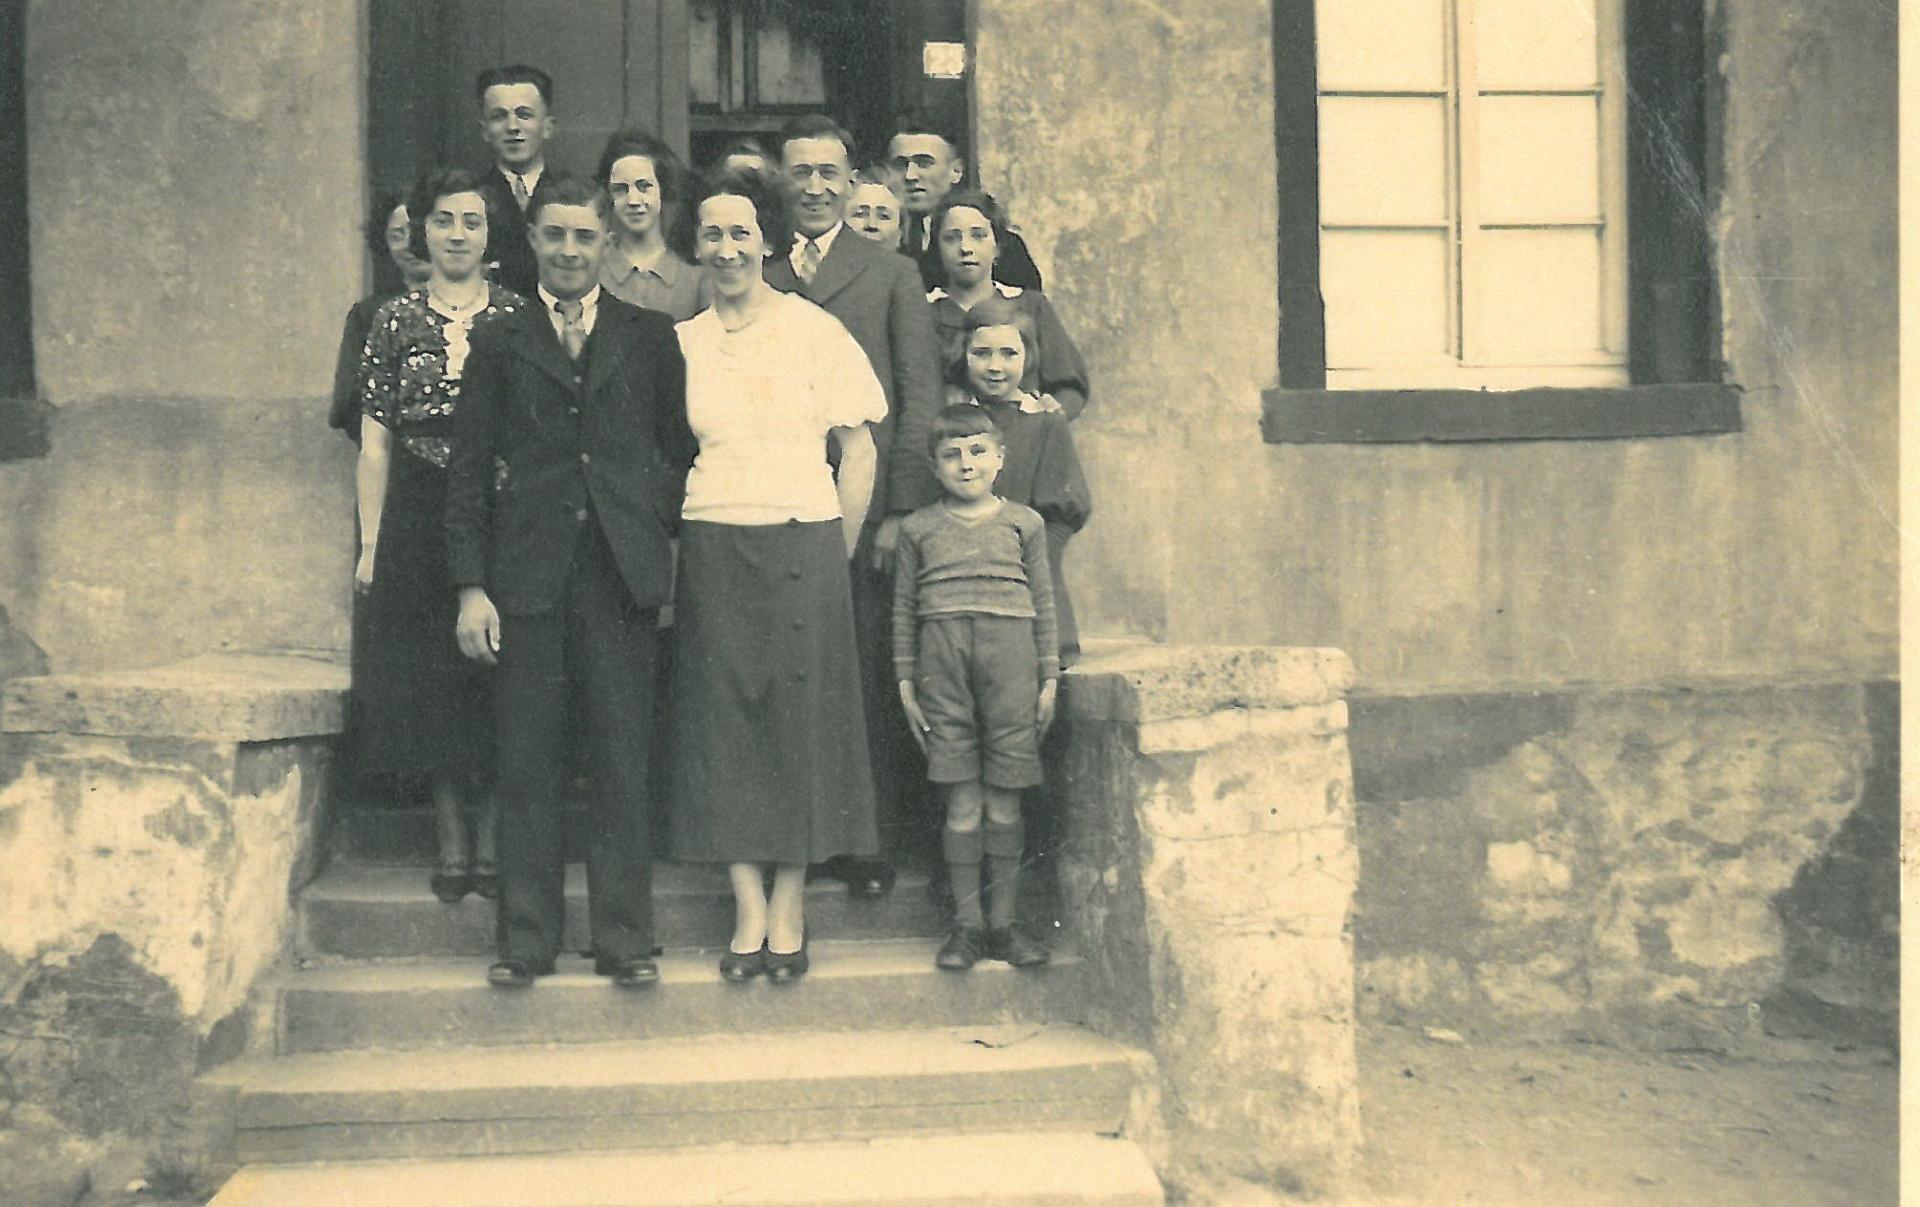 Hochzeitsgesellschaft 1936